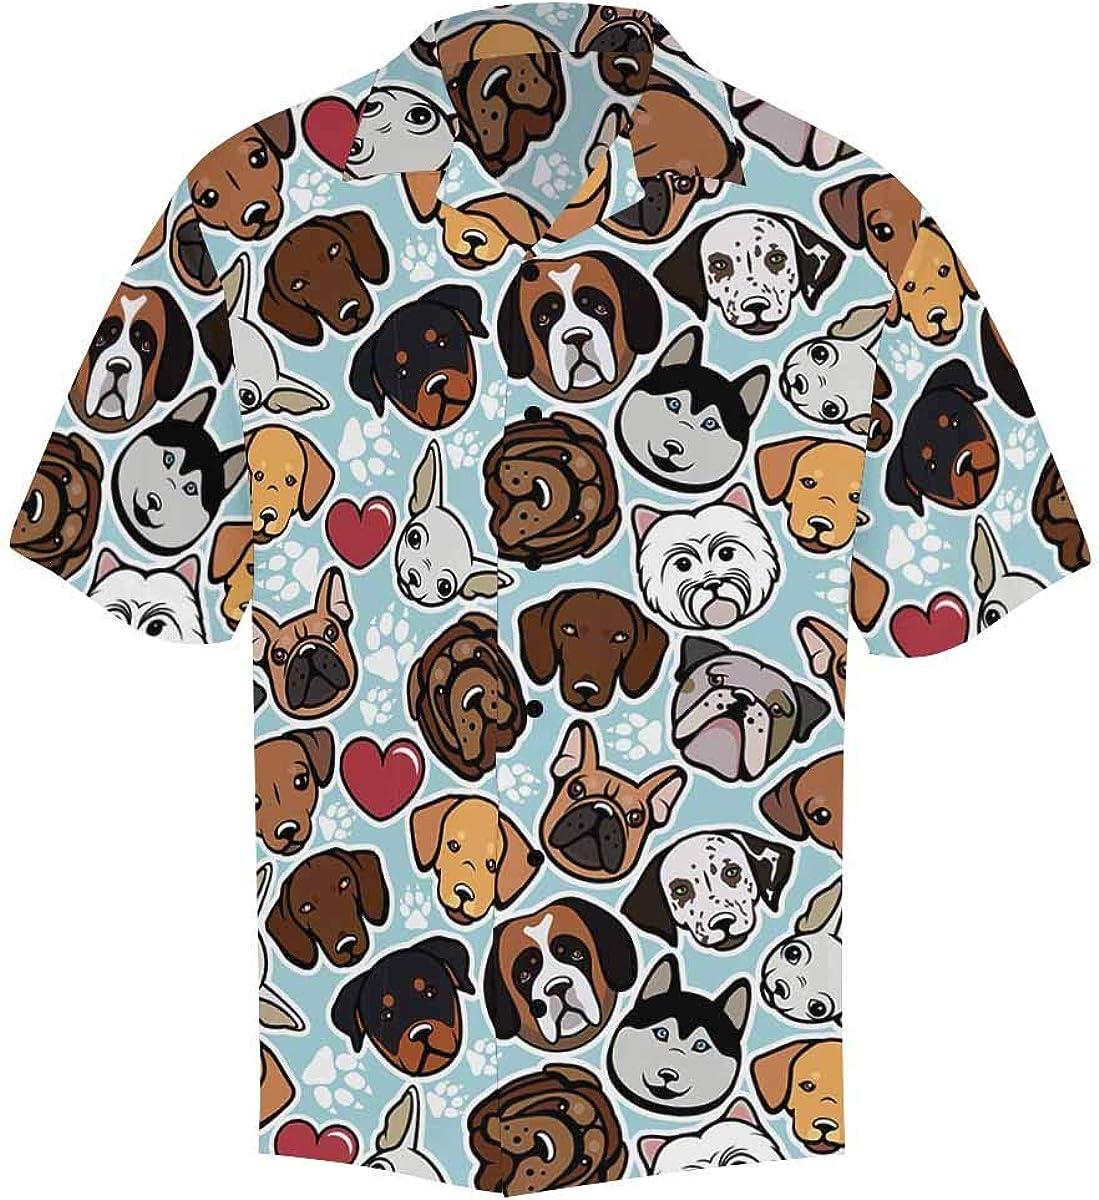 InterestPrint Men's Casual Button Down Short Sleeve Dog Butterfly Hawaiian Shirt (S-5XL)